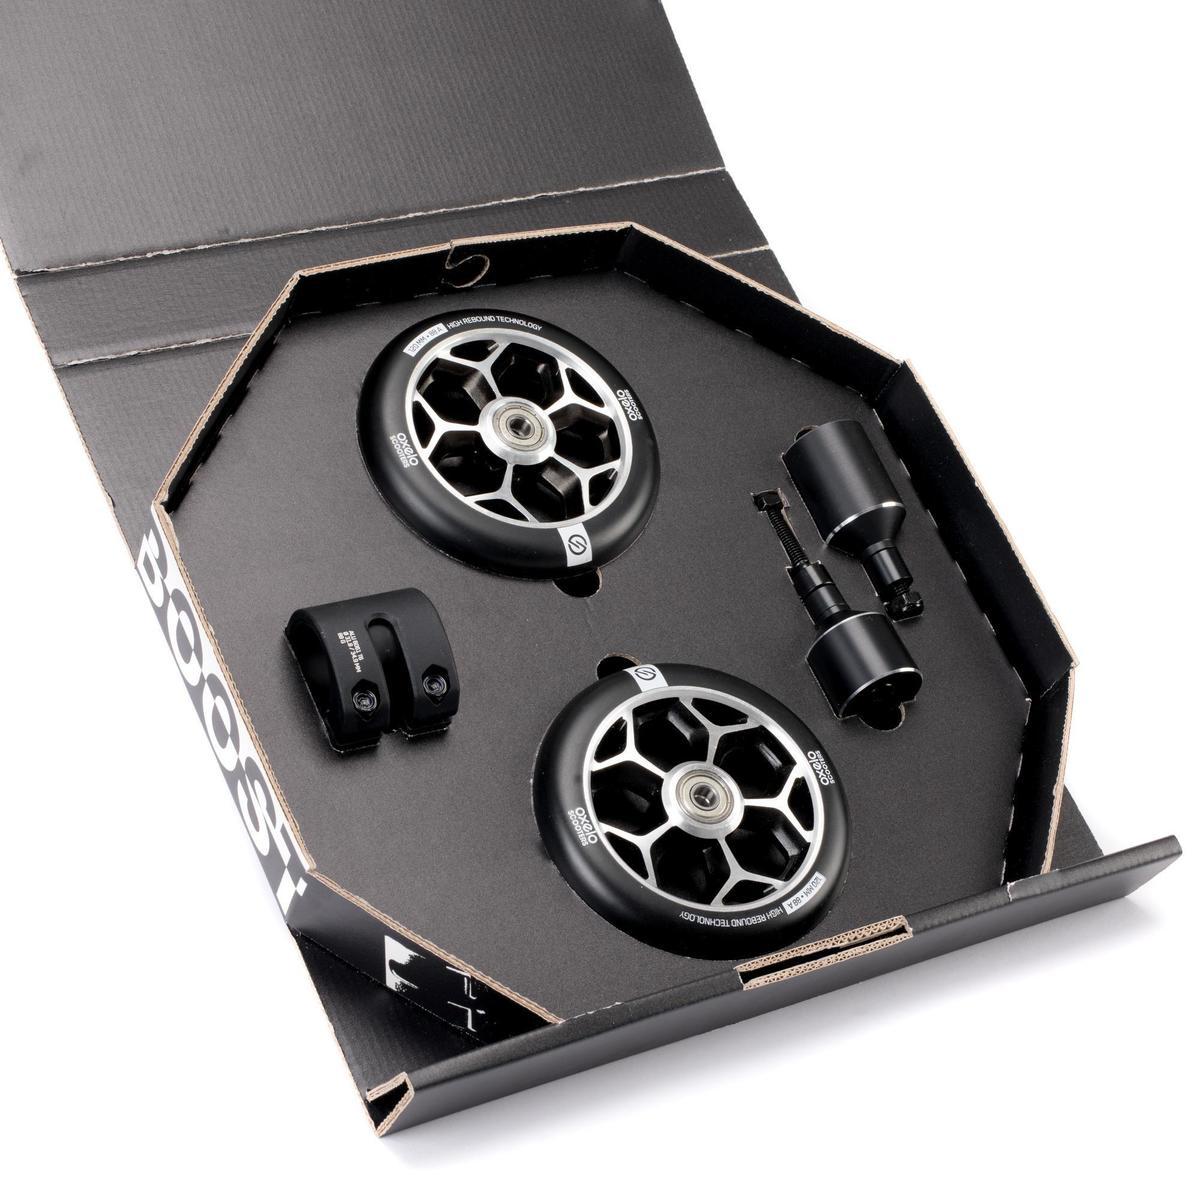 Bild 5 von Upgrade-Box MF3.6 Limited Edition